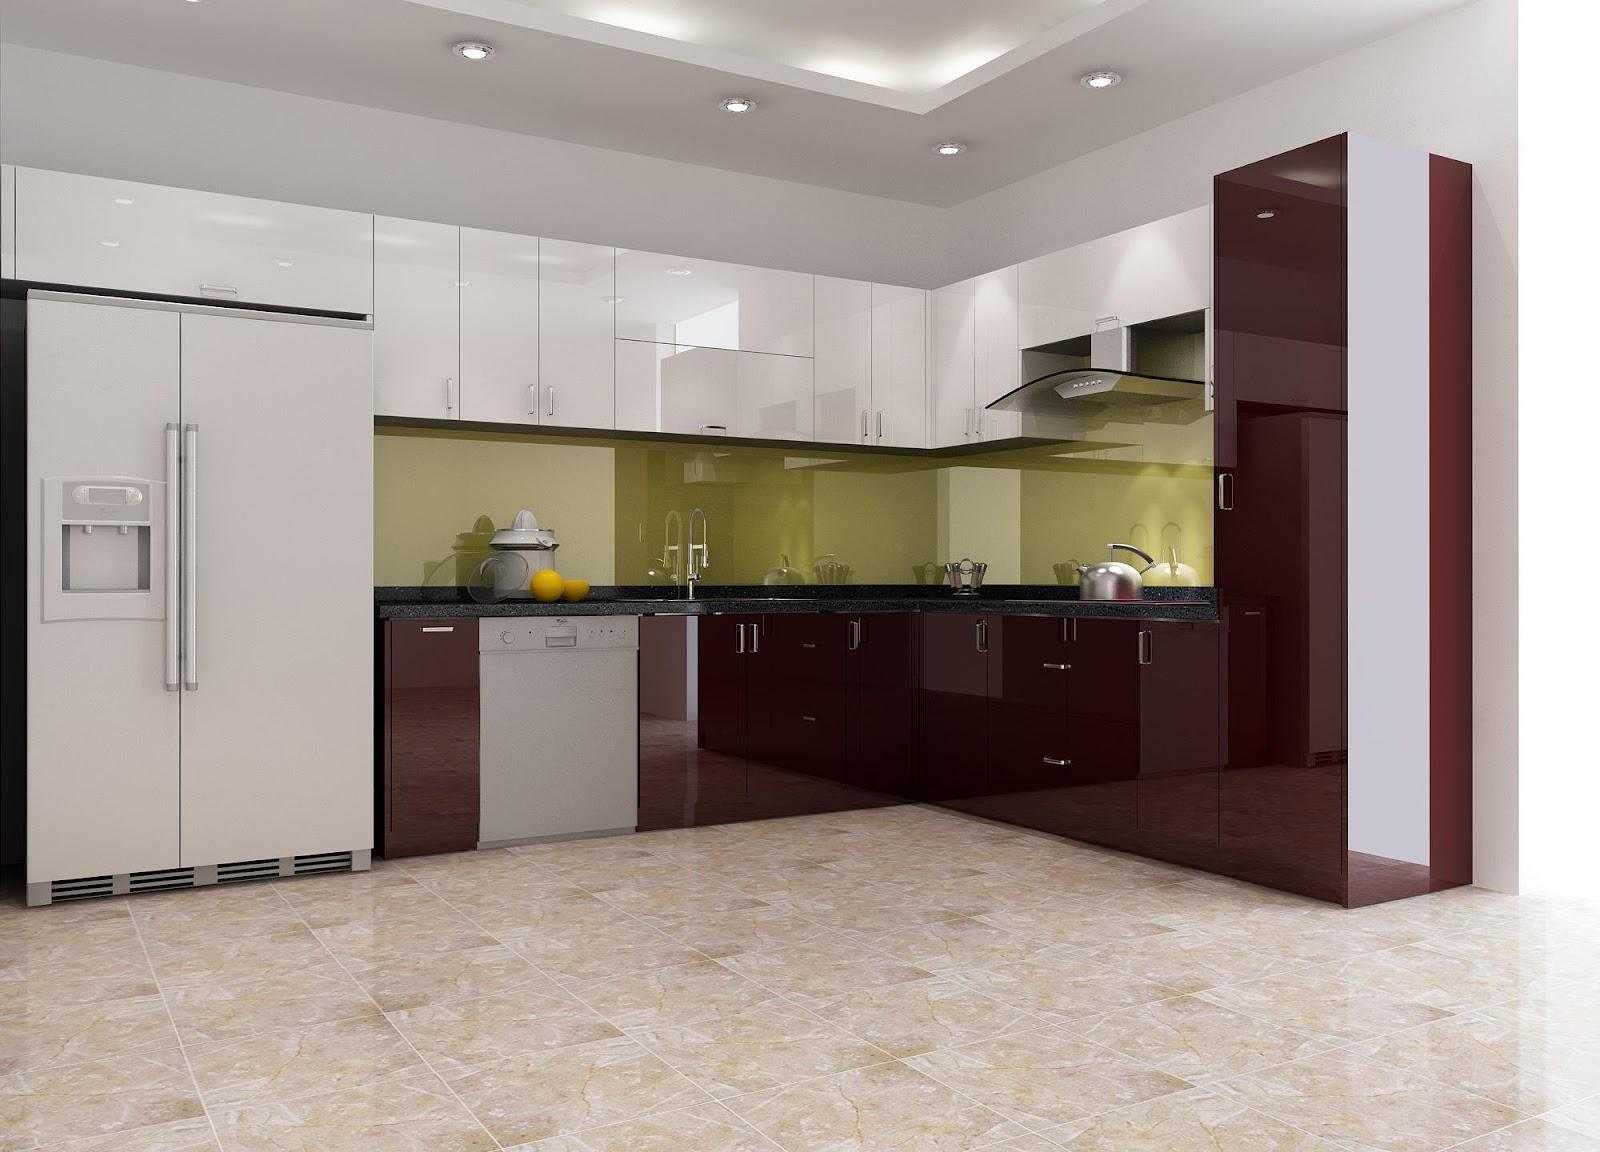 Tủ bếp inox acrylic mang đến phong cách riêng cho khu bếp